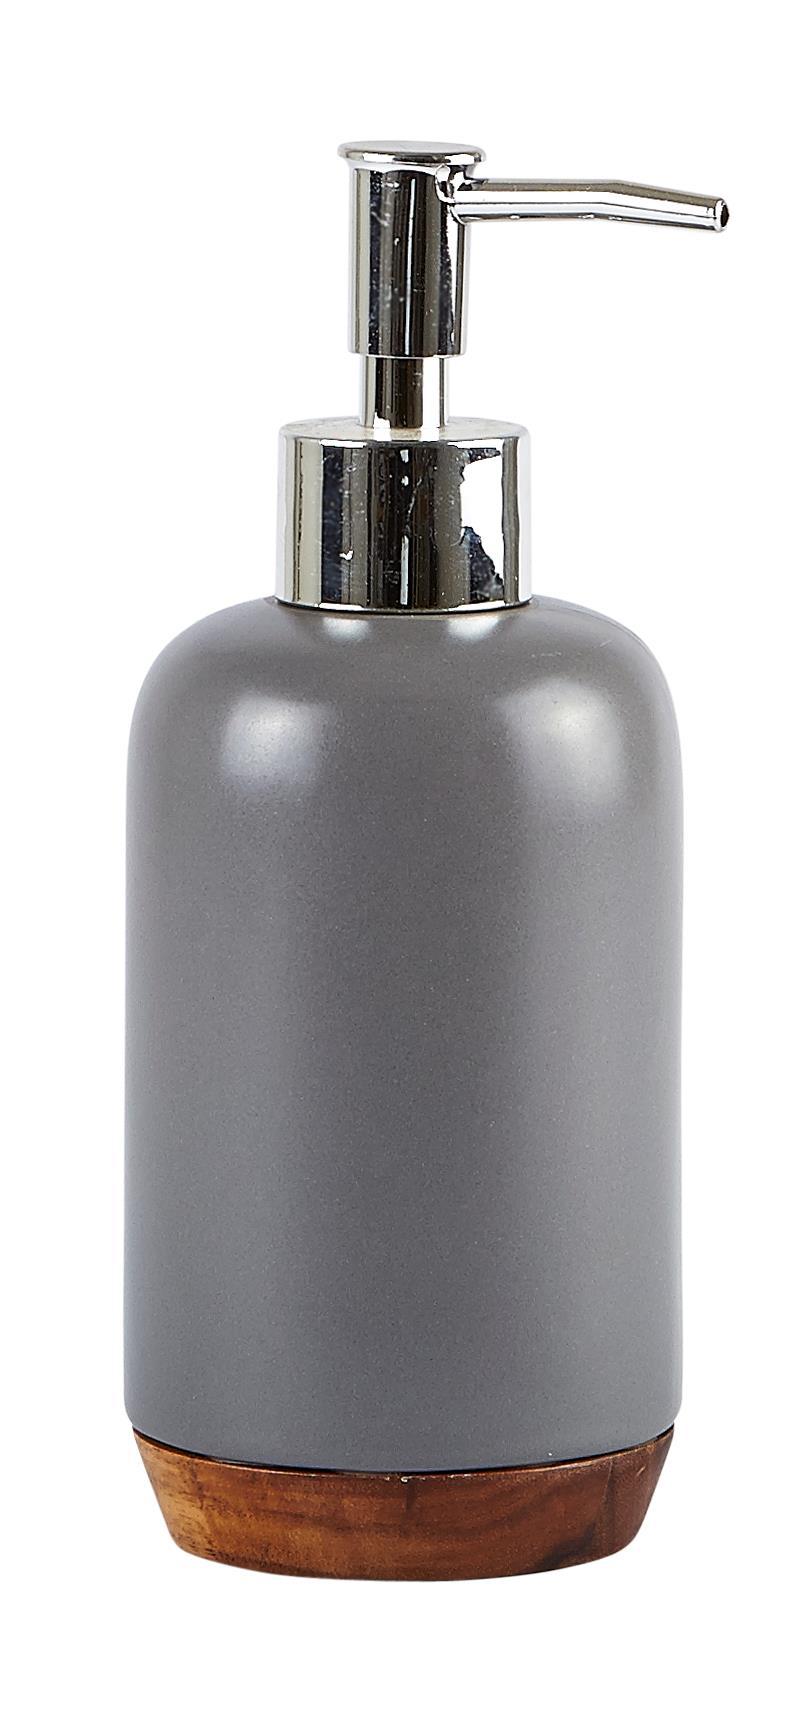 Dozator pentru sapun din ceramica, 350 ml, Kj-Gri imagine